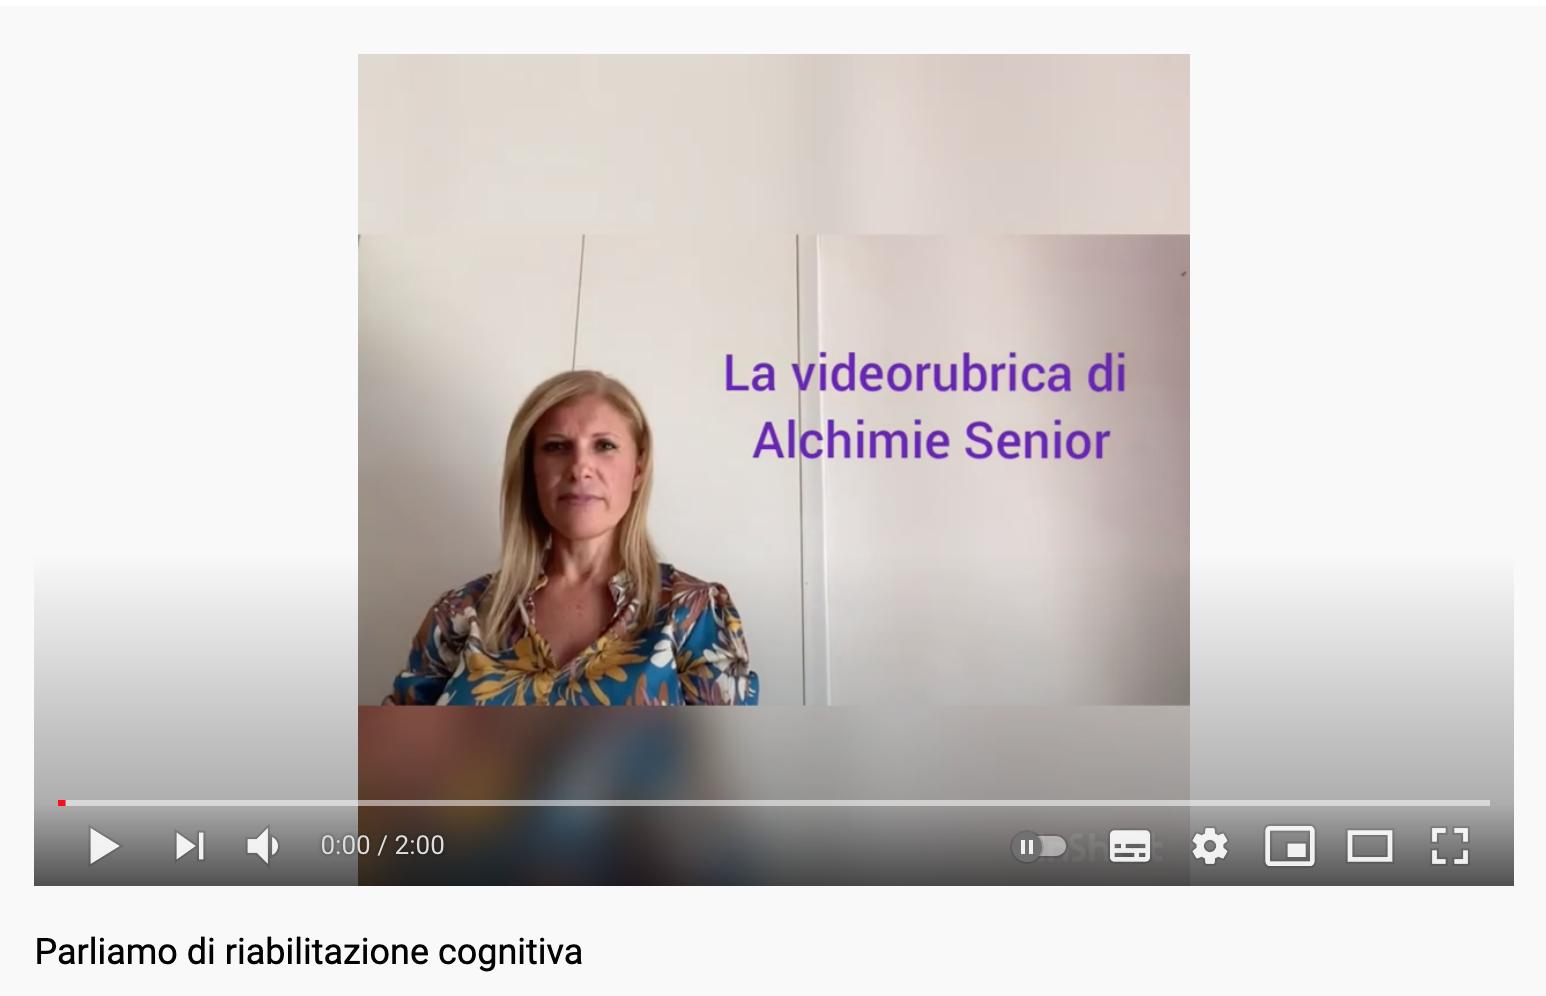 PARLIAMO DI RIABILITAZIONE COGNITIVA - dr.ssa BARBARA CONVERSIONE - AREA SENIOR